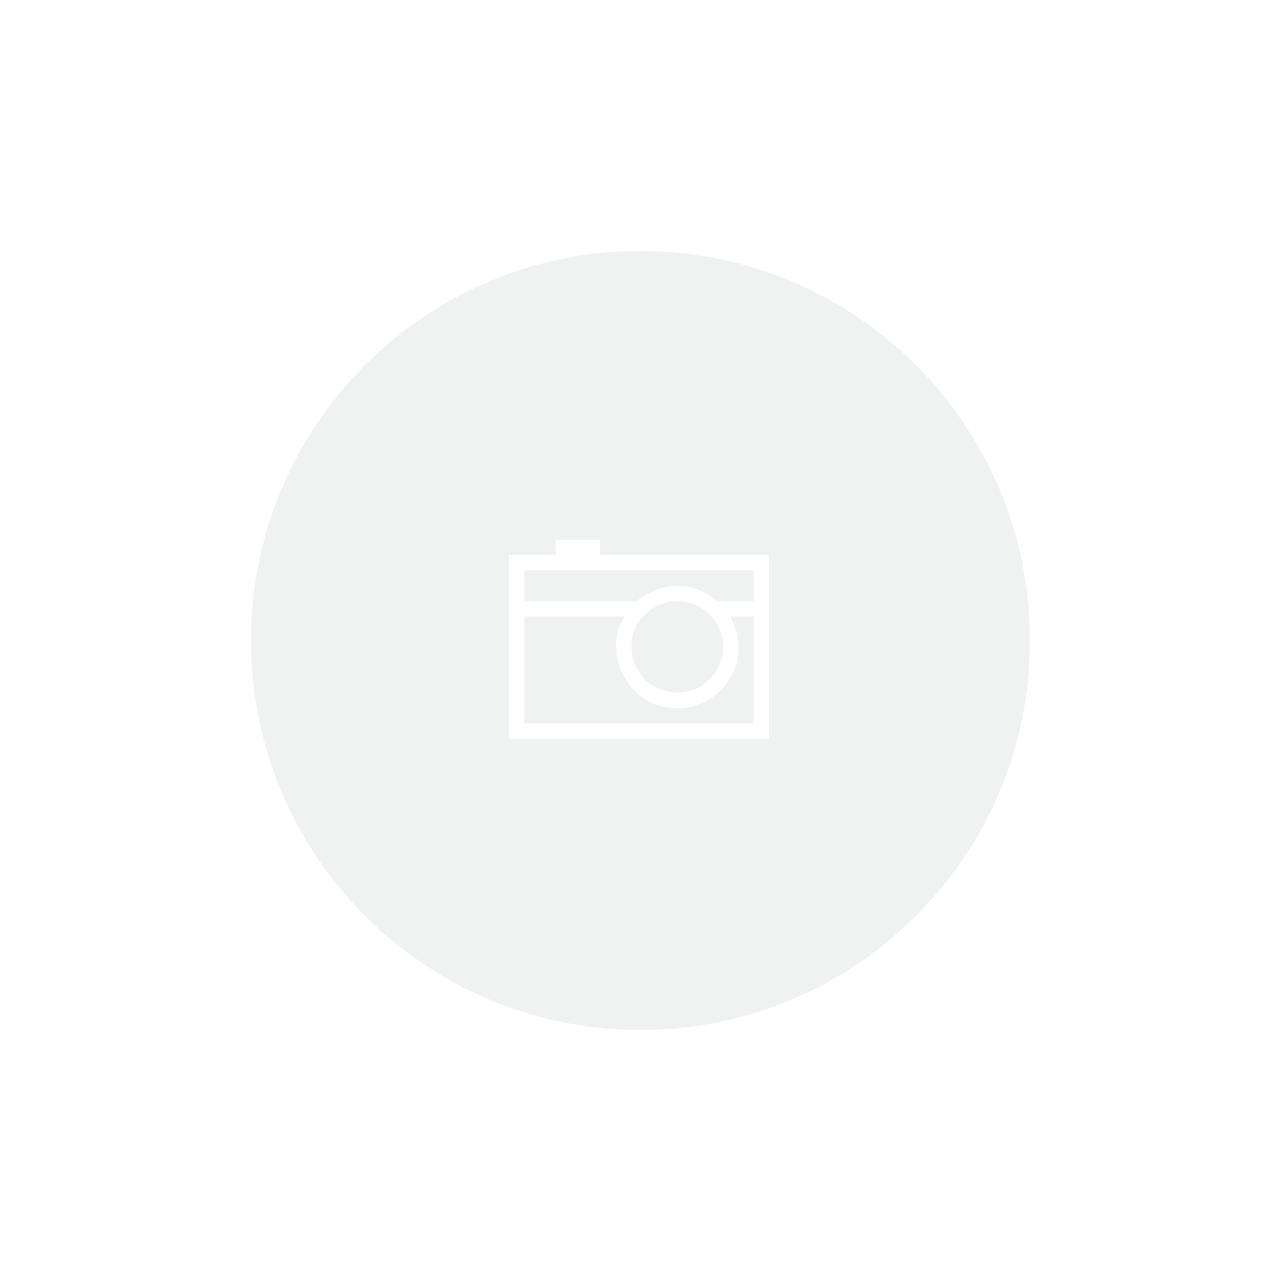 Soprador Kyklon Maxx Pink 220V para Pet Shop, Banho e Tosa